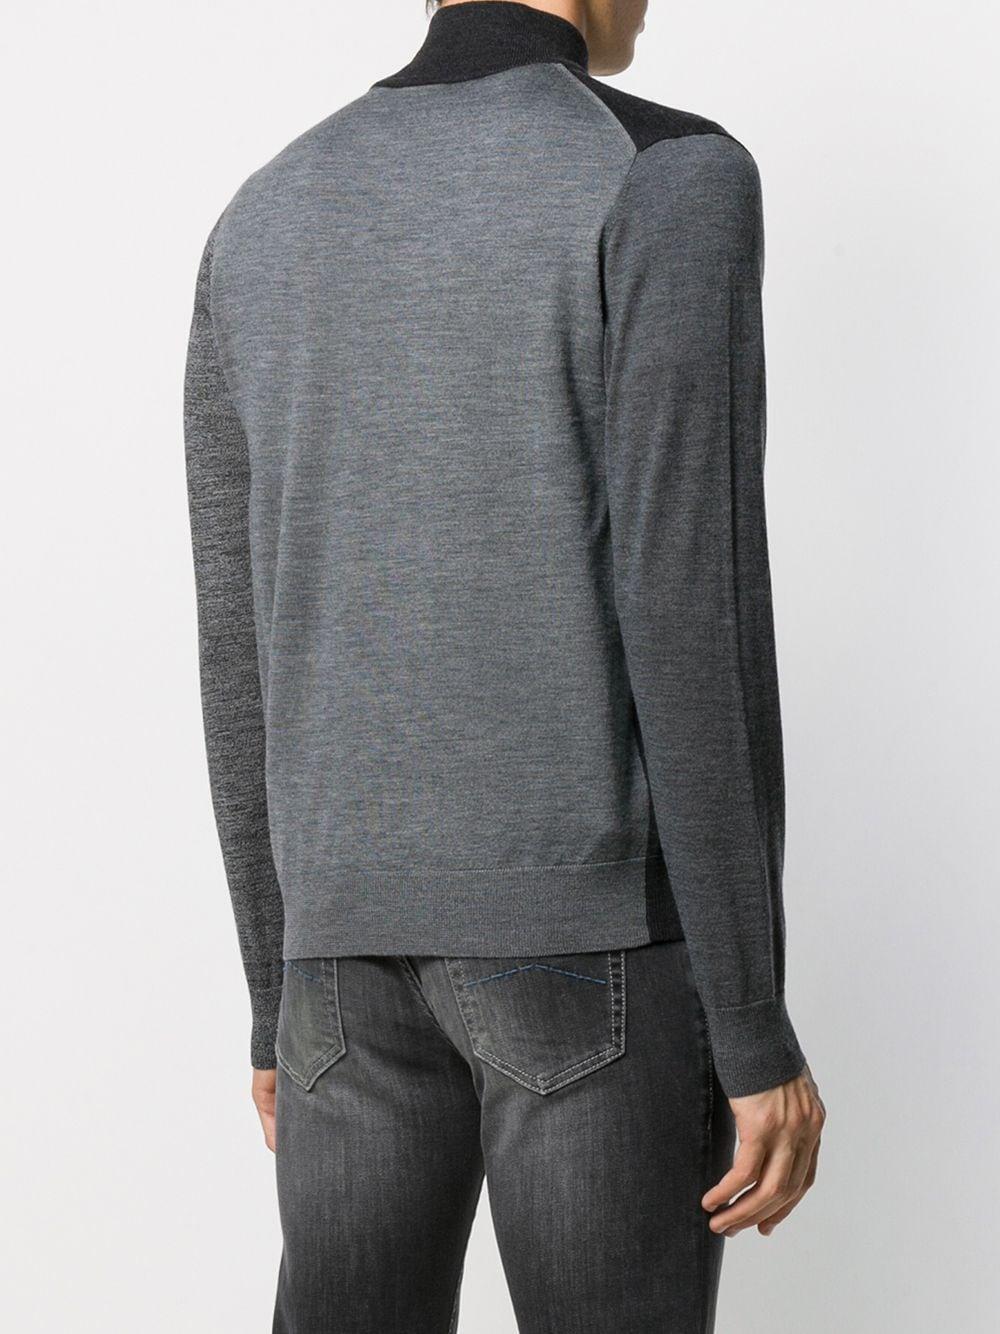 PS by Paul Smith Wol Vest Met Rits in het Grijs voor heren